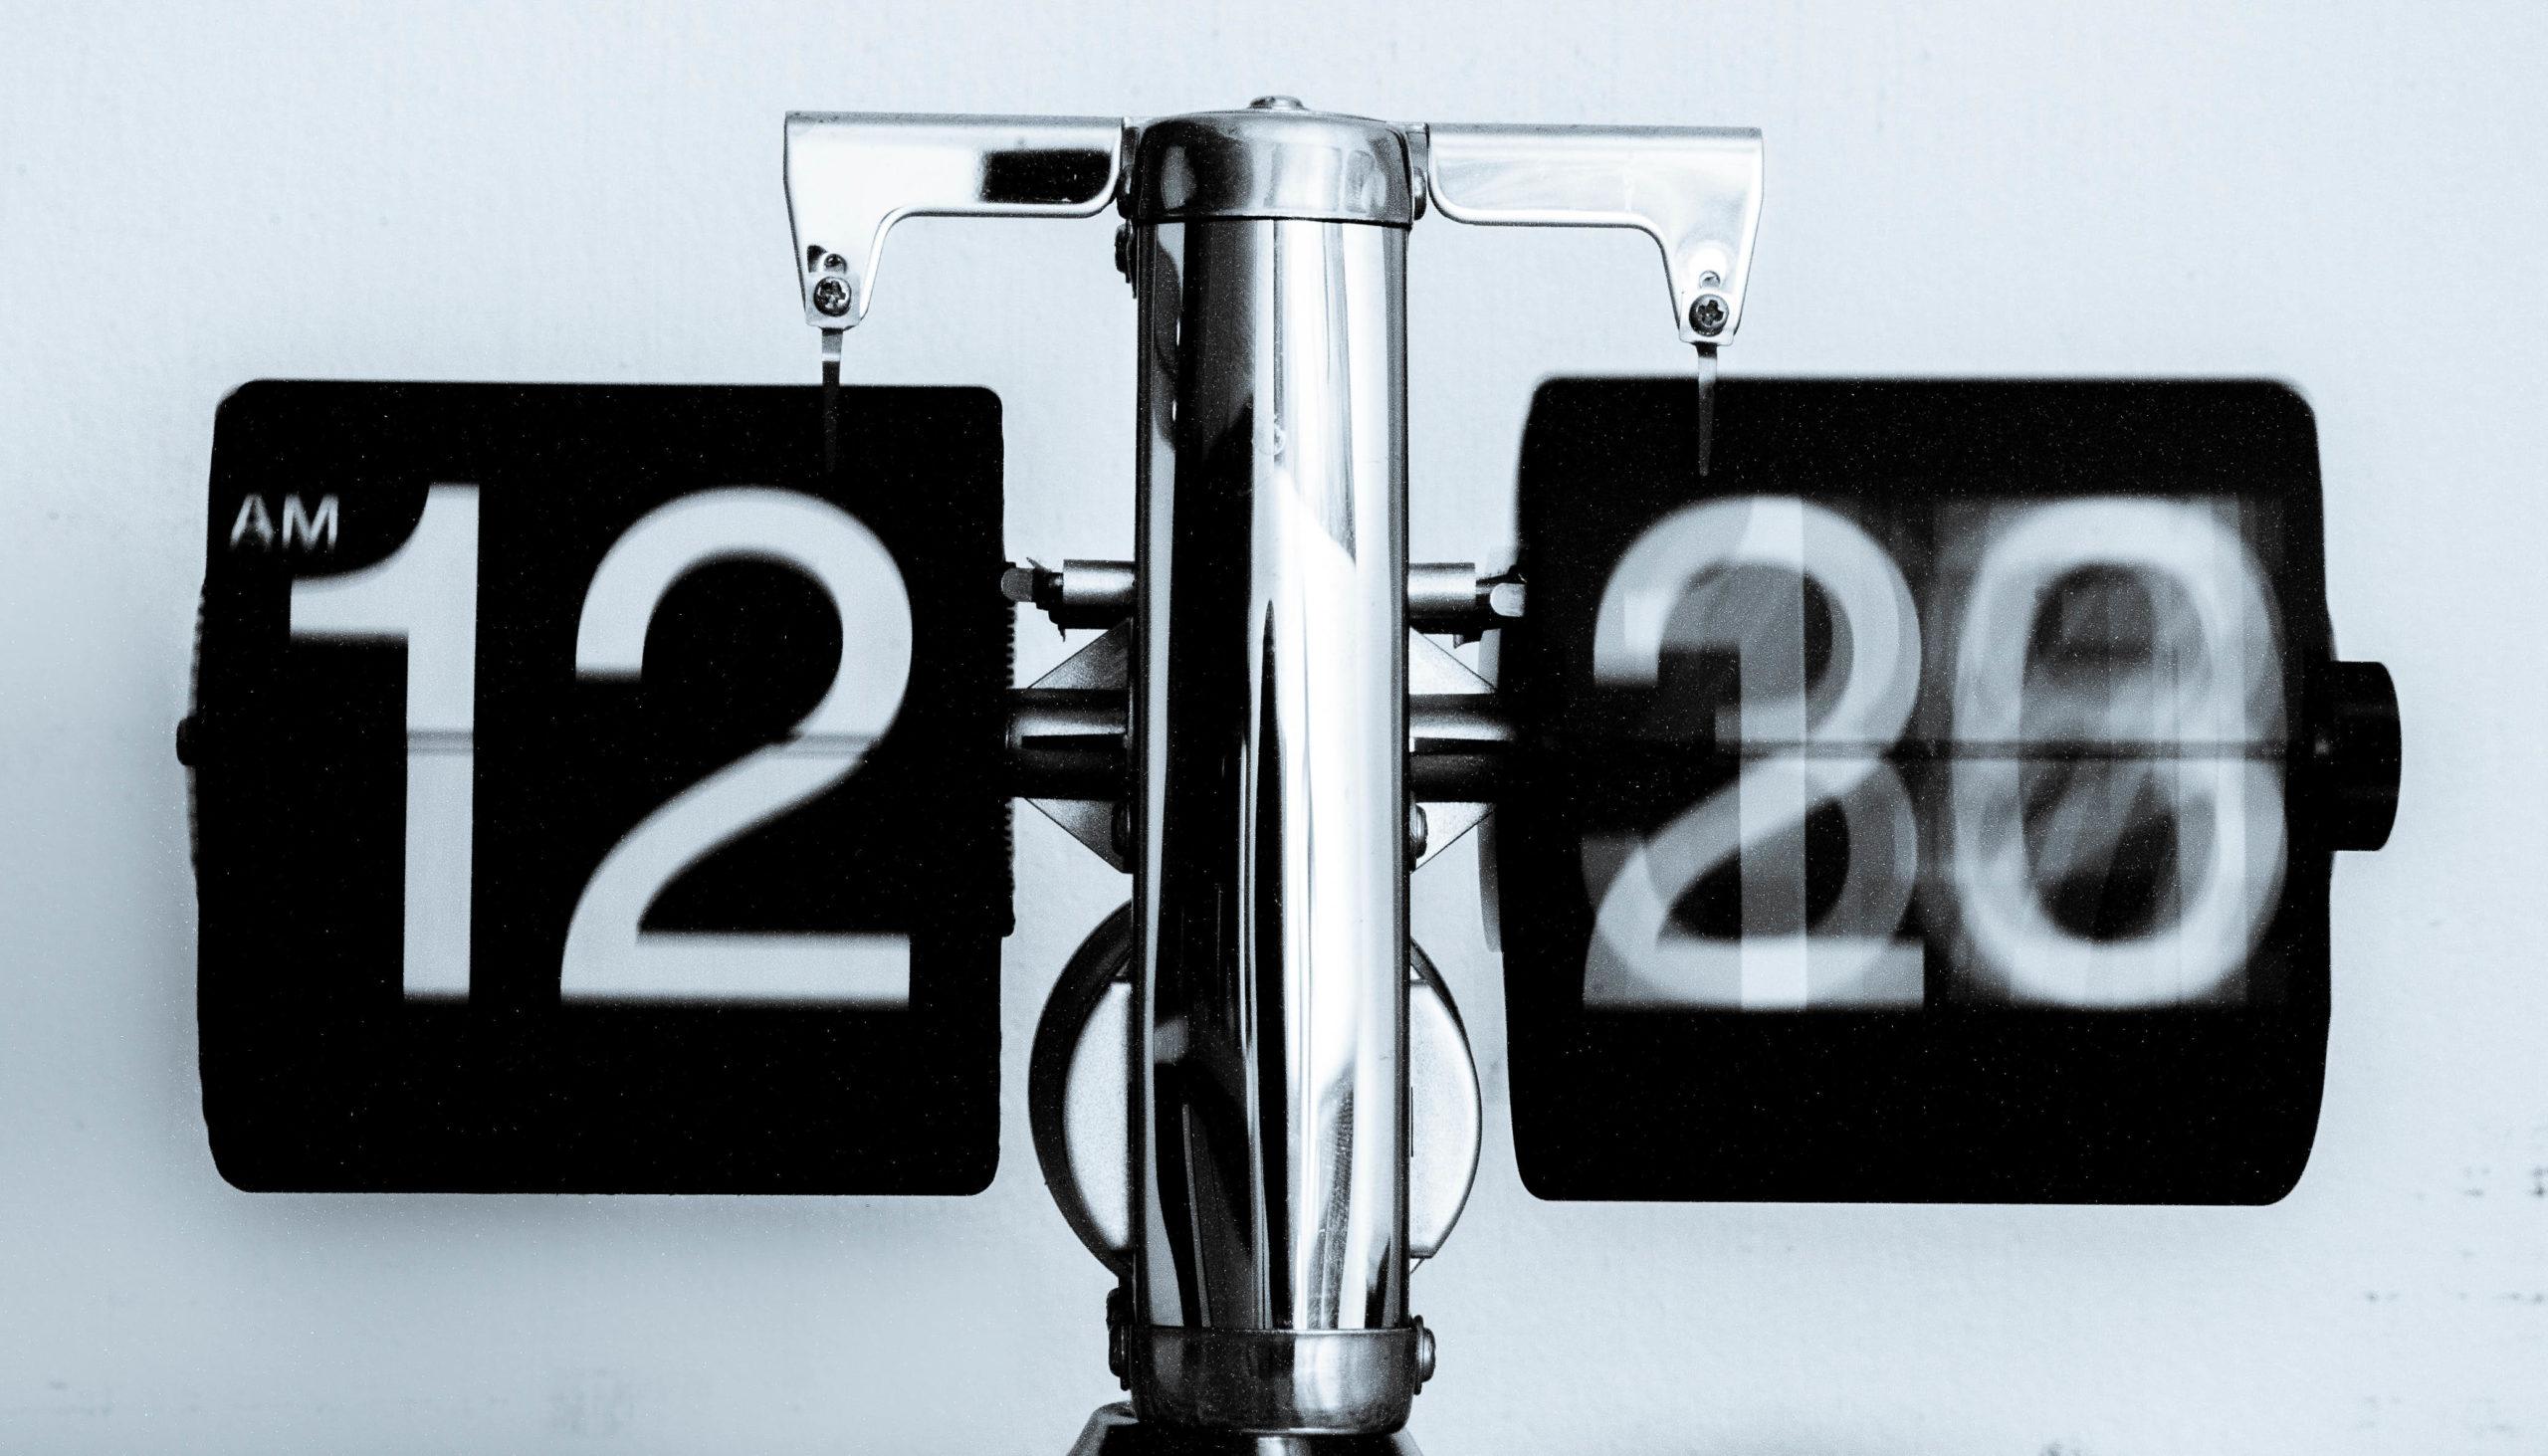 Zelfstandigenaftrek bij 1225 uur, wat houdt dat precies in?